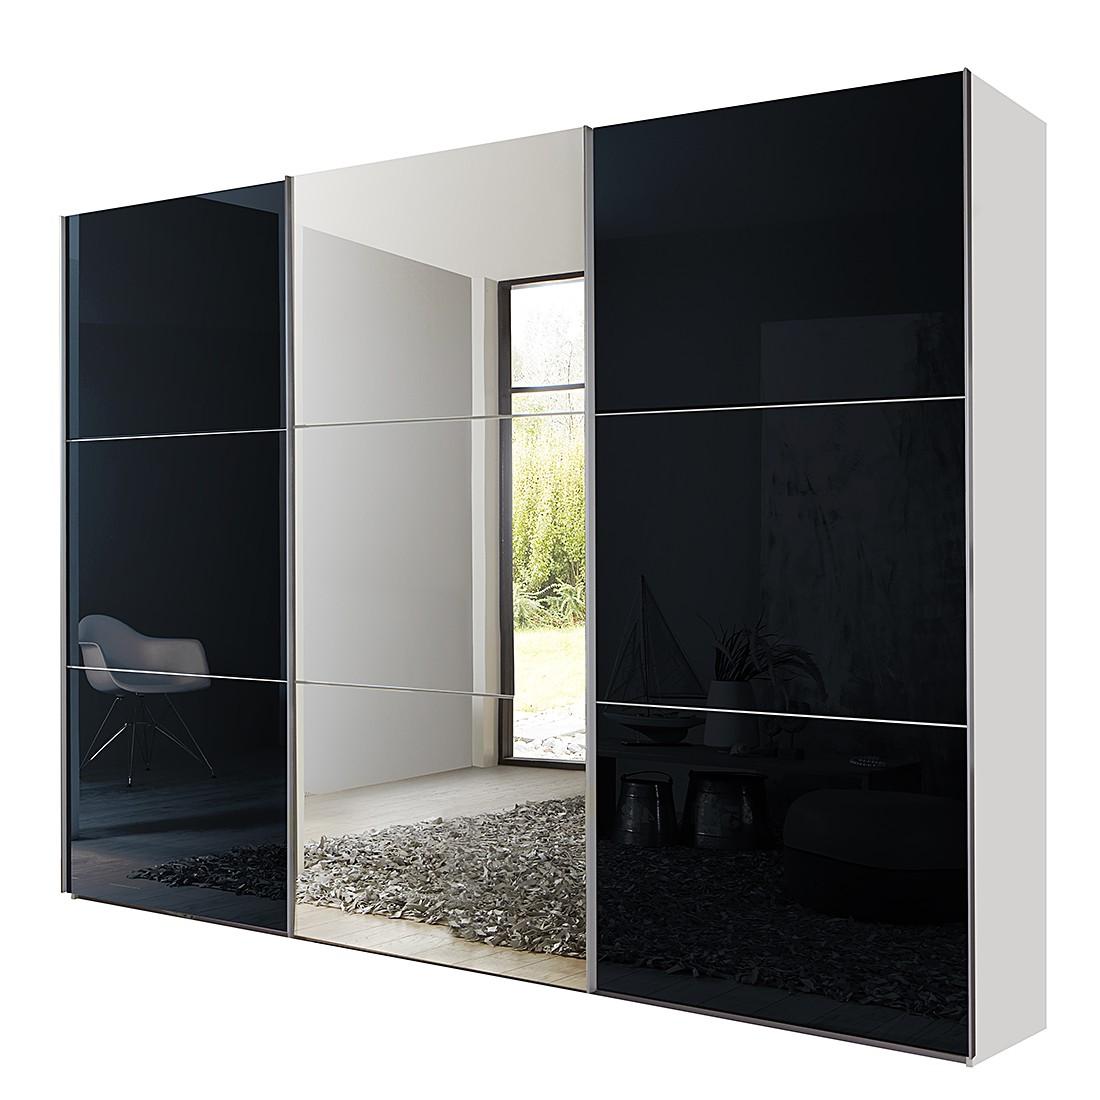 goedkoop Schuifdeurkast Medley met spiegel alpinewit zwart BxH 315x236cm 3 deurs Wimex